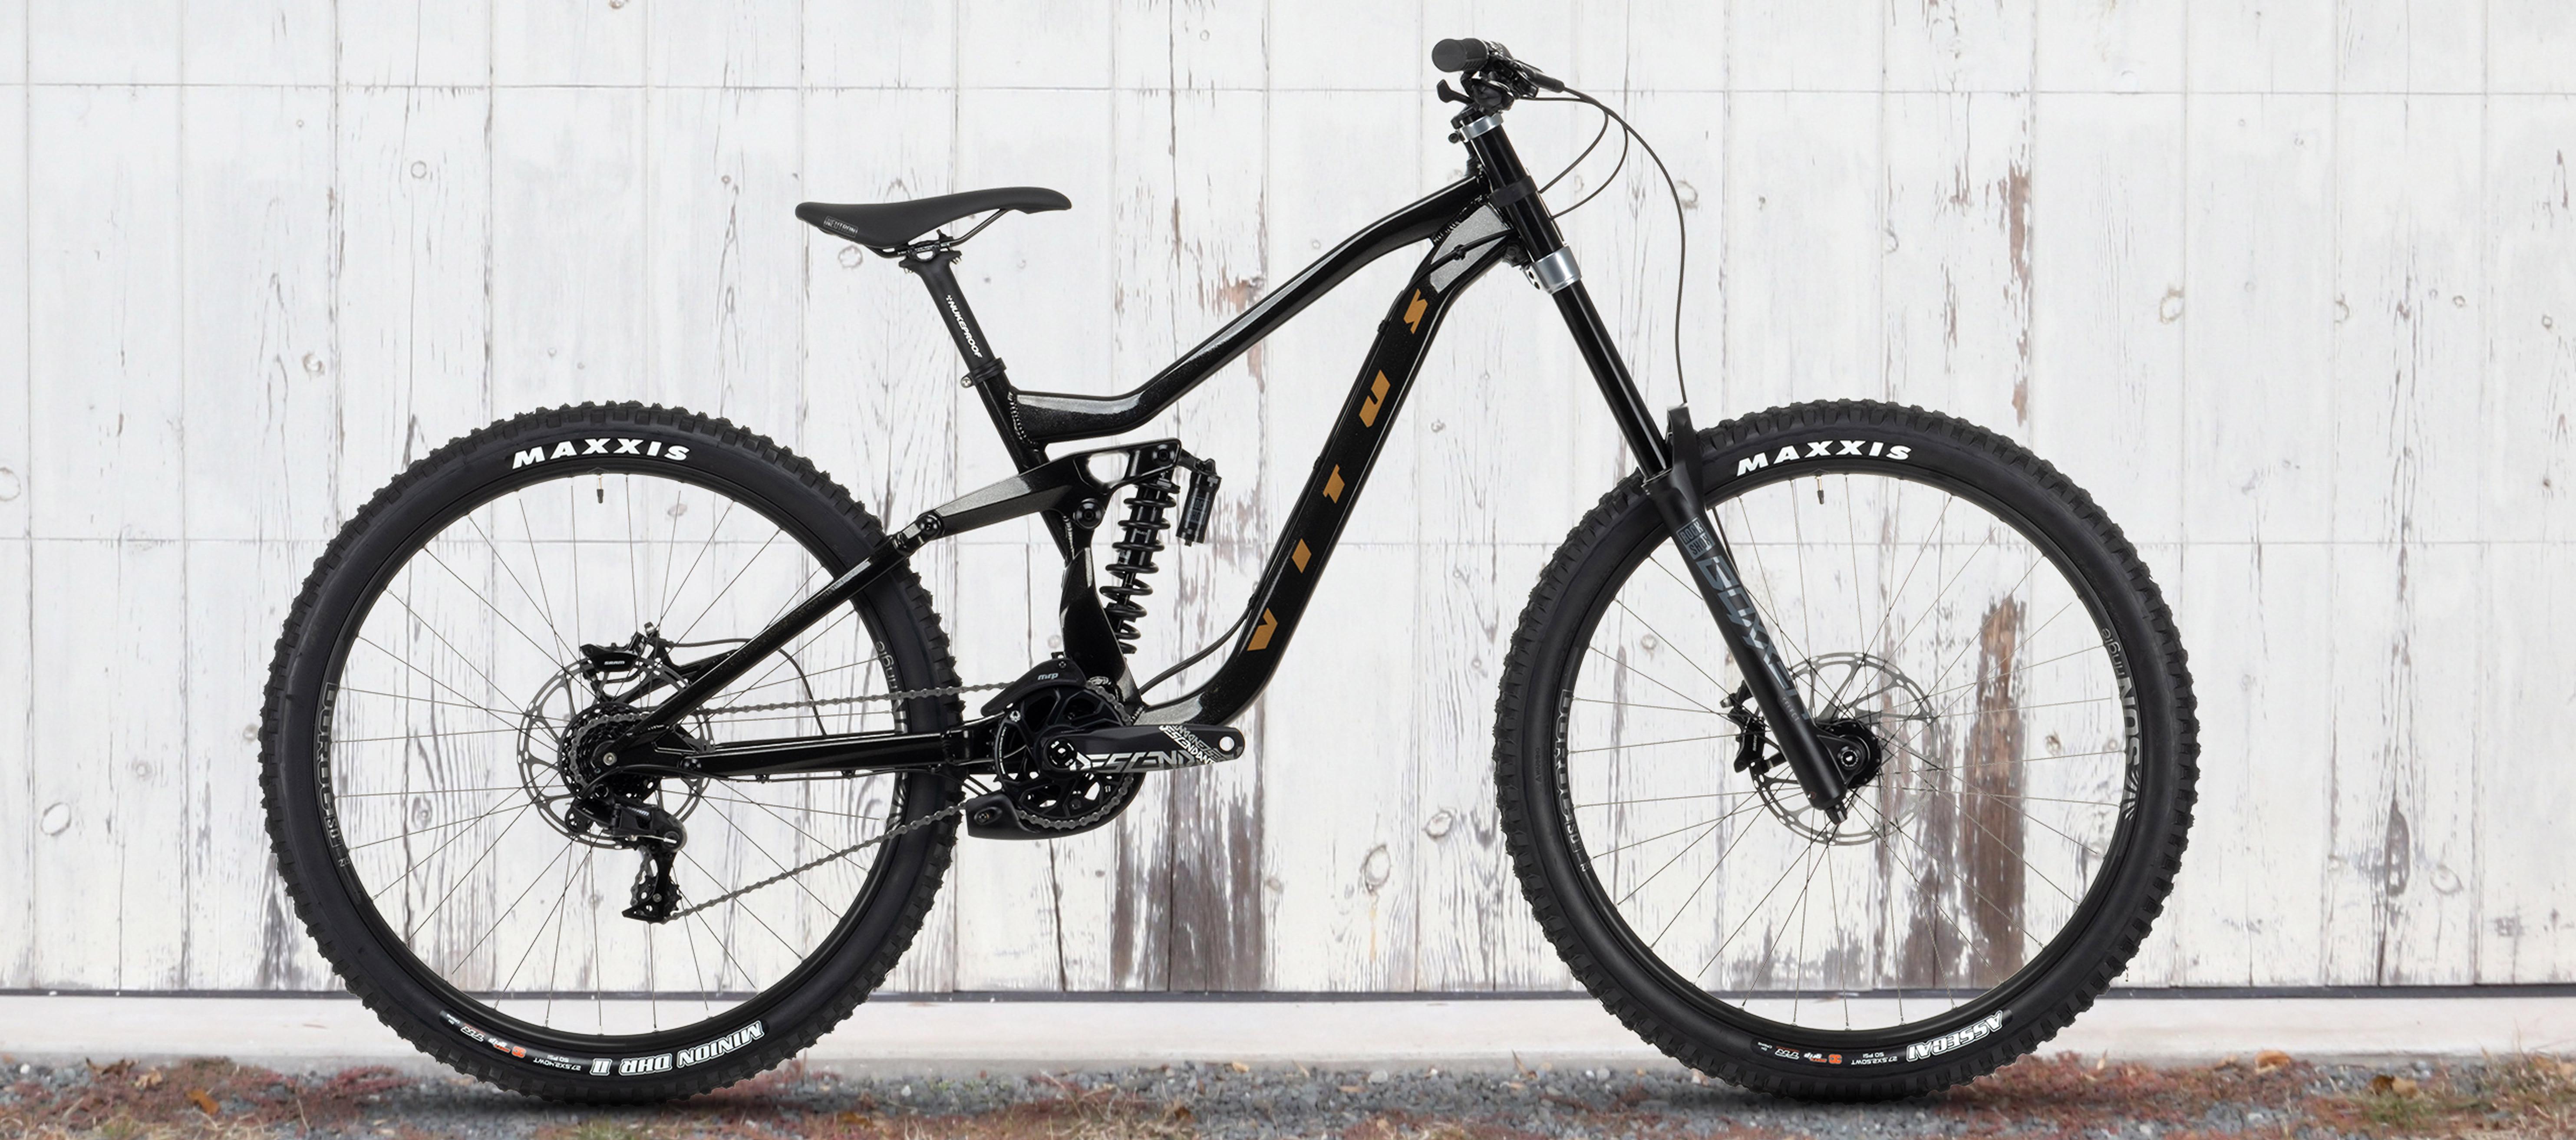 Vitus Dominer Downhill Mountain Bike